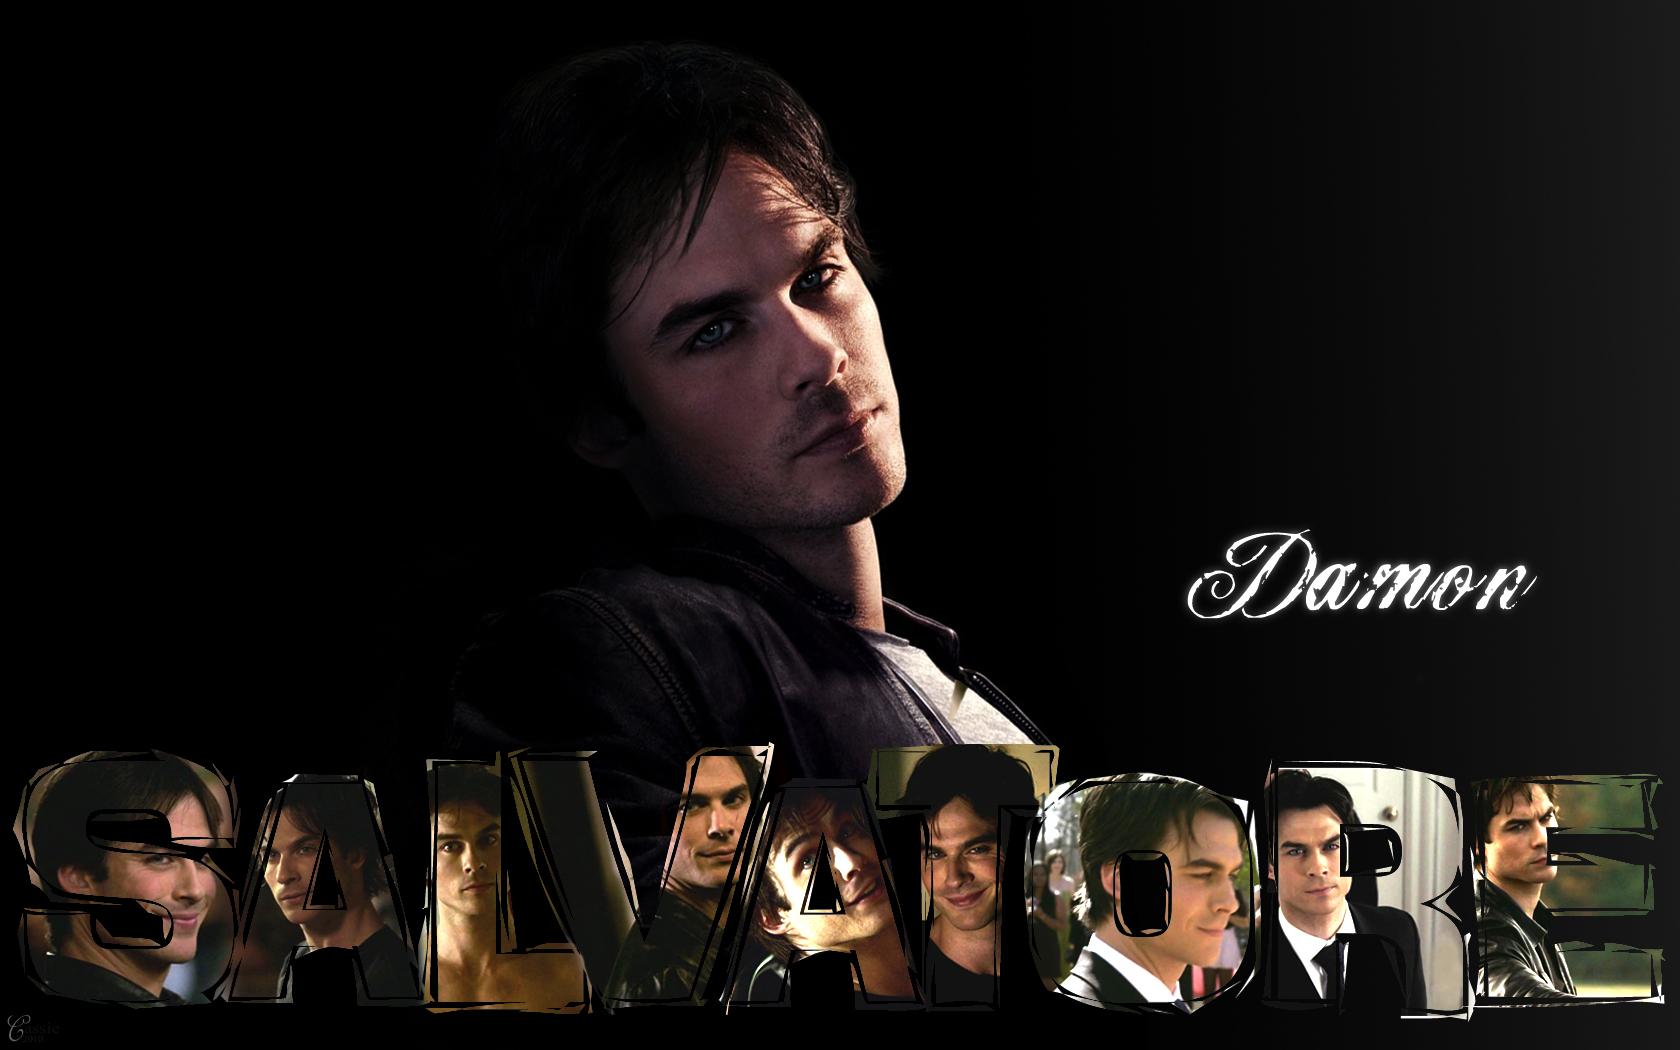 Damon Salvatore   Damon Salvatore Wallpaper 24874857 1680x1050